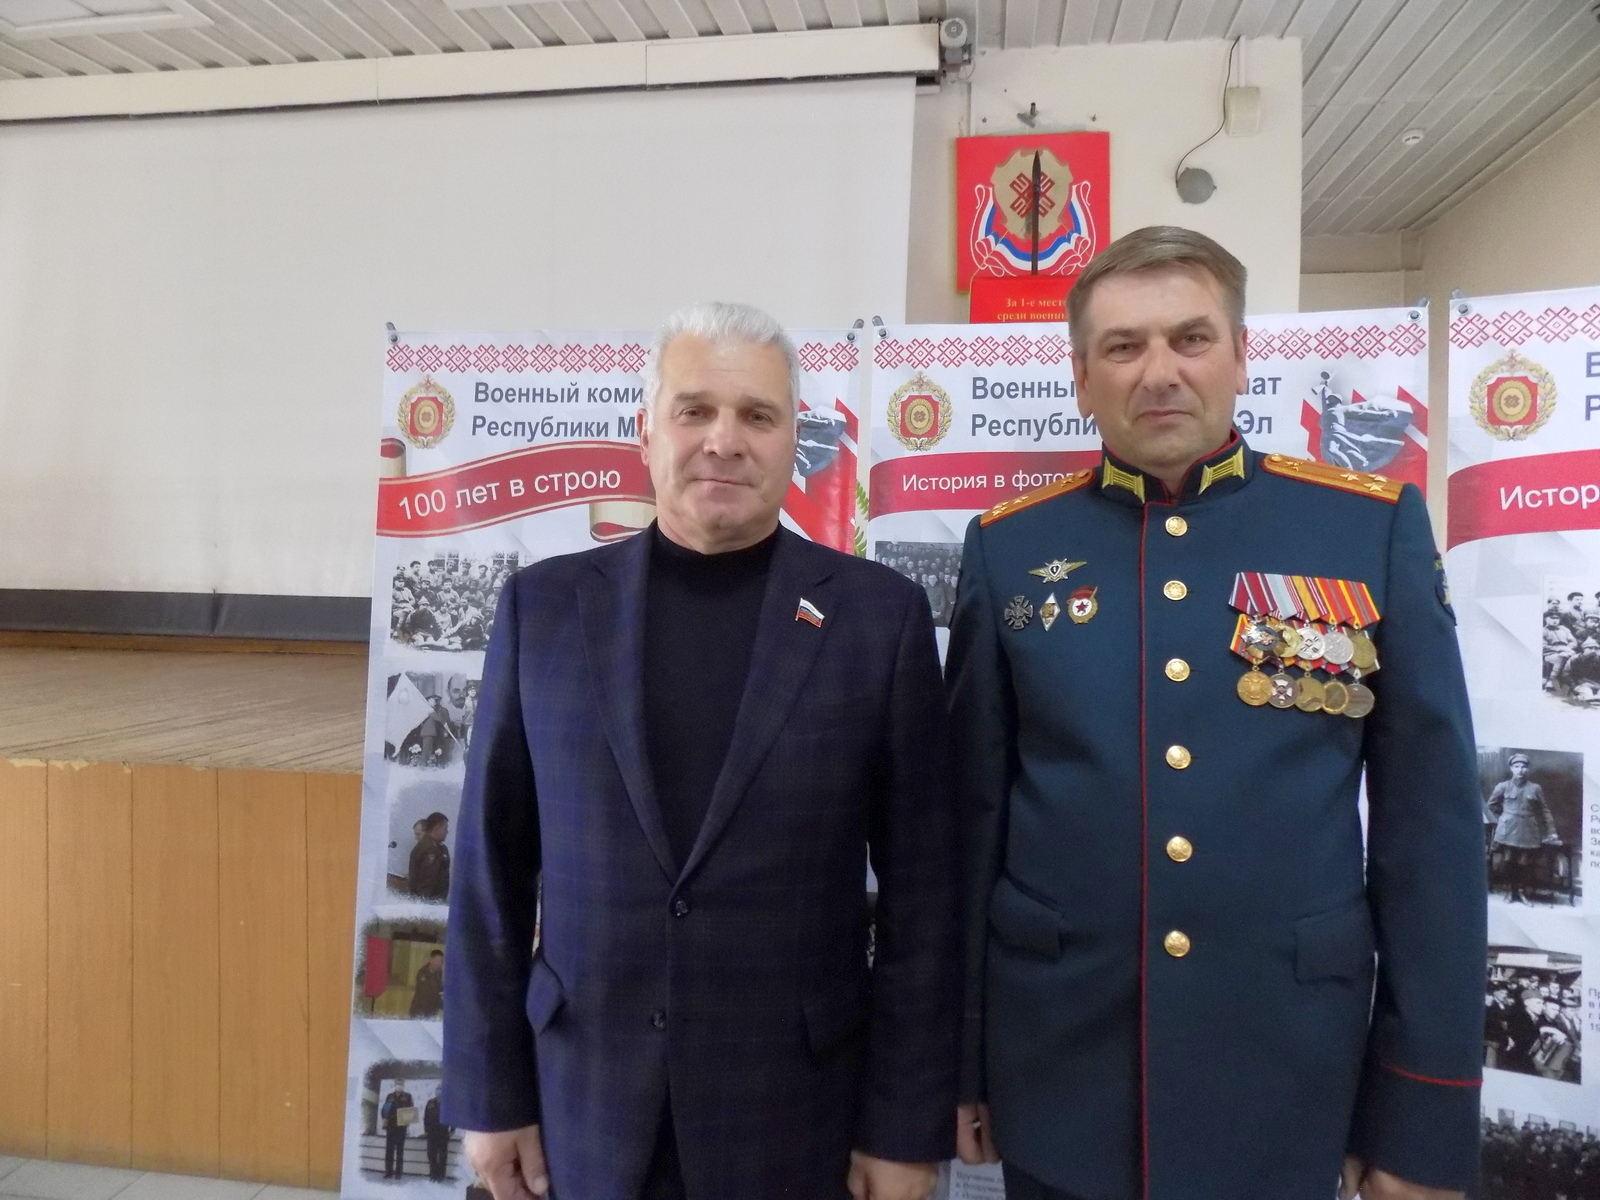 Сенатор Сергей Мартынов отметил важную роль военкоматов в обеспечении обороноспособности России